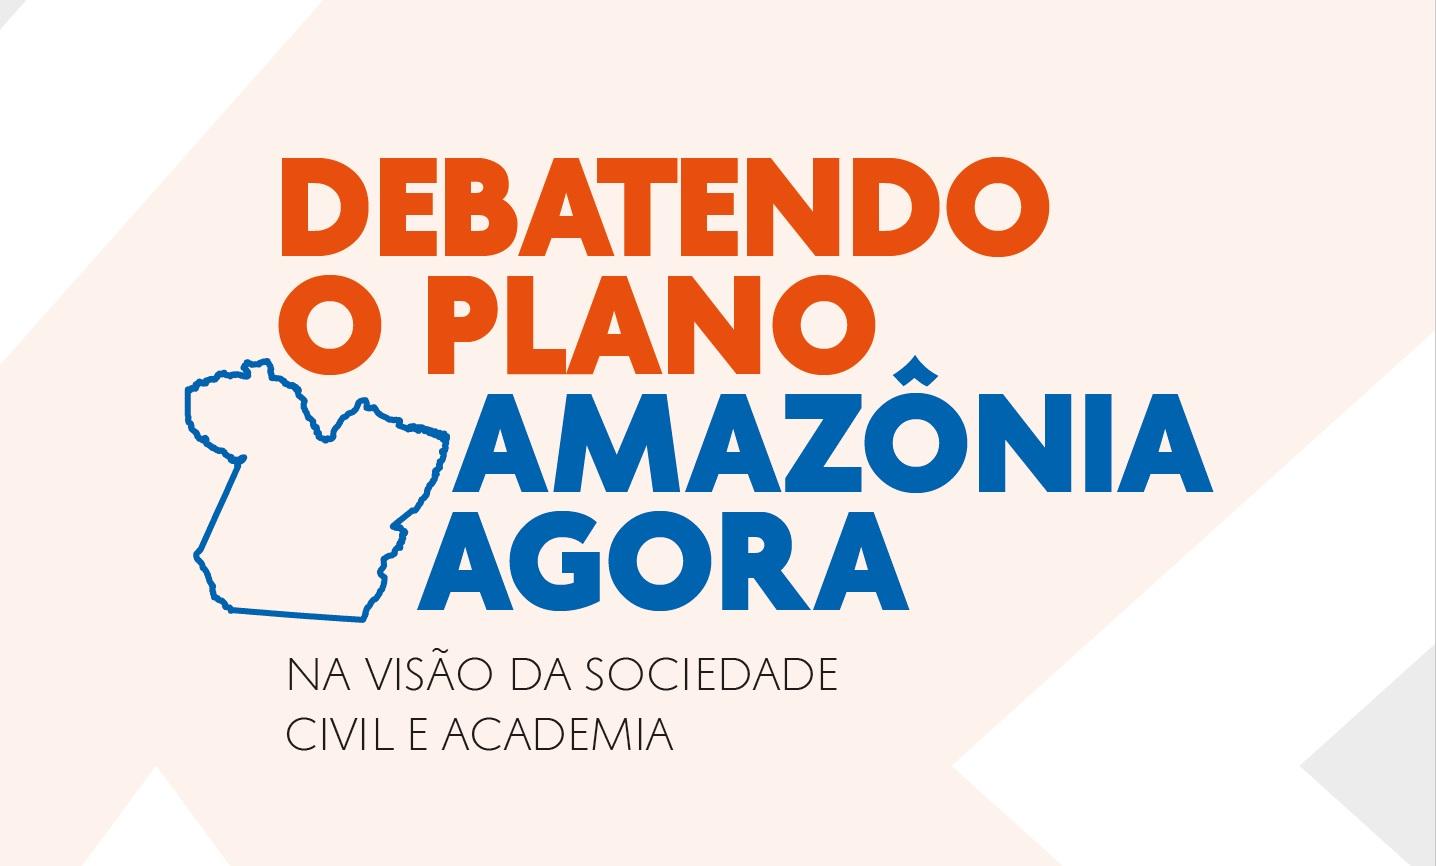 Capa DPAmazoniaAgora 1 - Debatendo o Plano Estadual Amazônia Agora na visão da Sociedade Civil e Academia